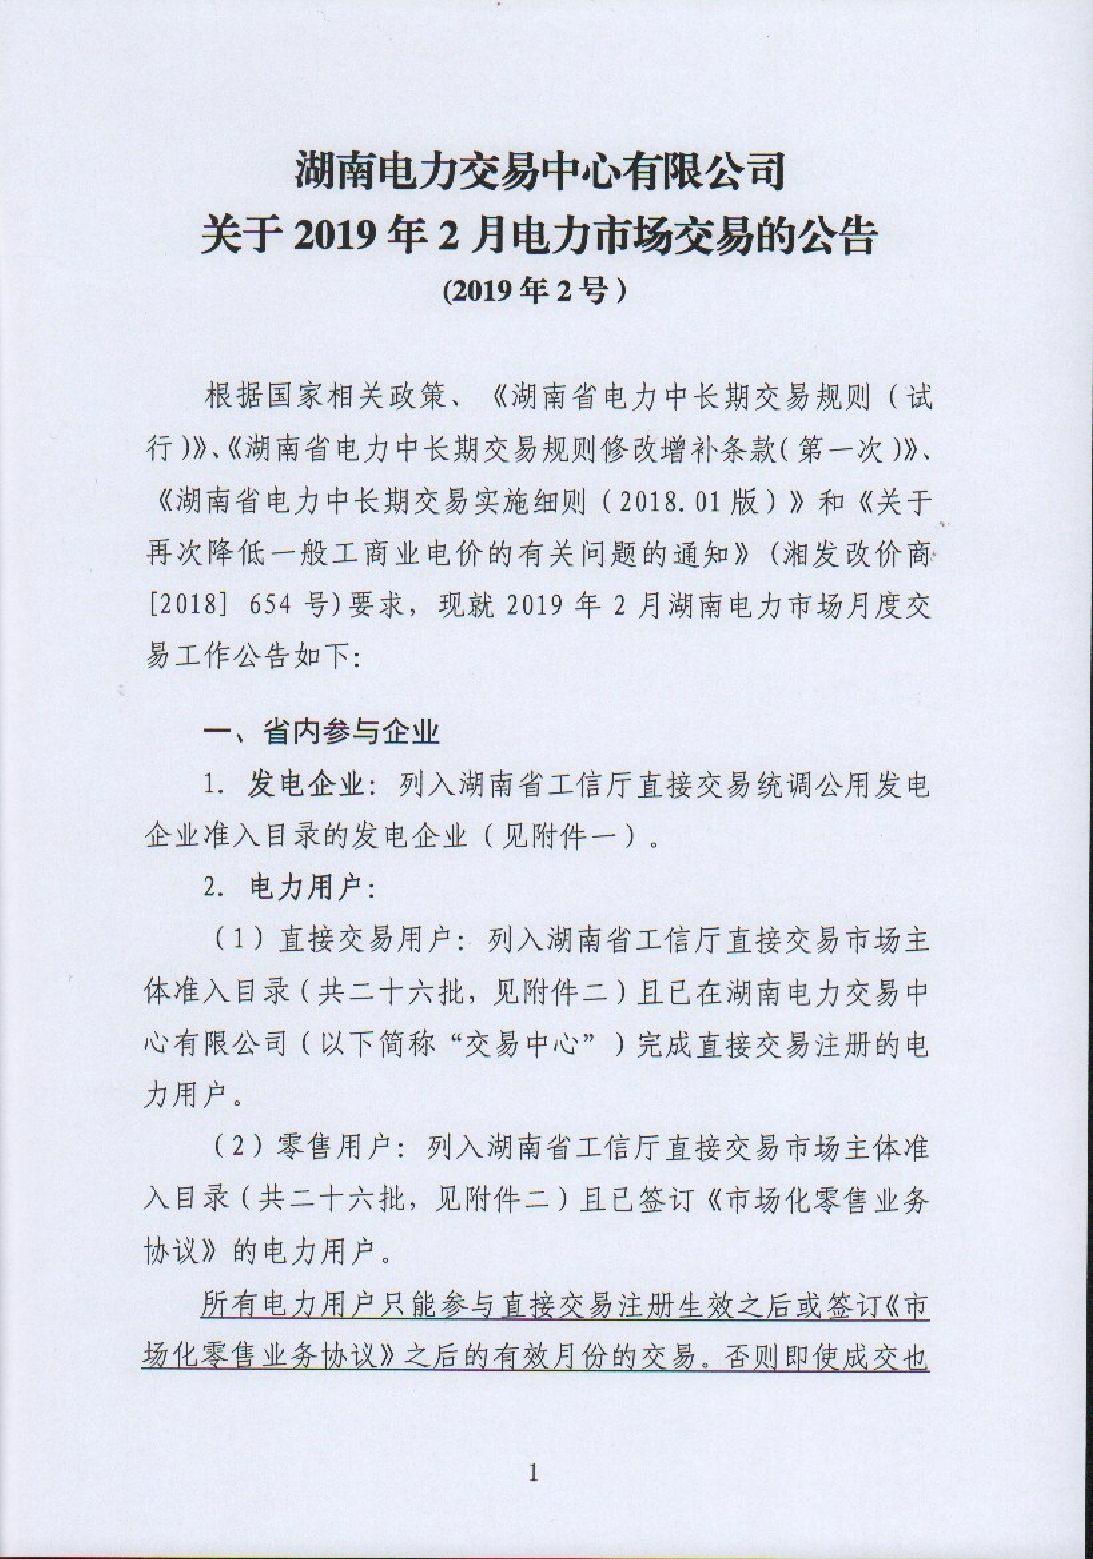 湖南電力交易中心有限公司關于2019年2月電力市場交易的公告.pdf_page_1_compressed.jpg